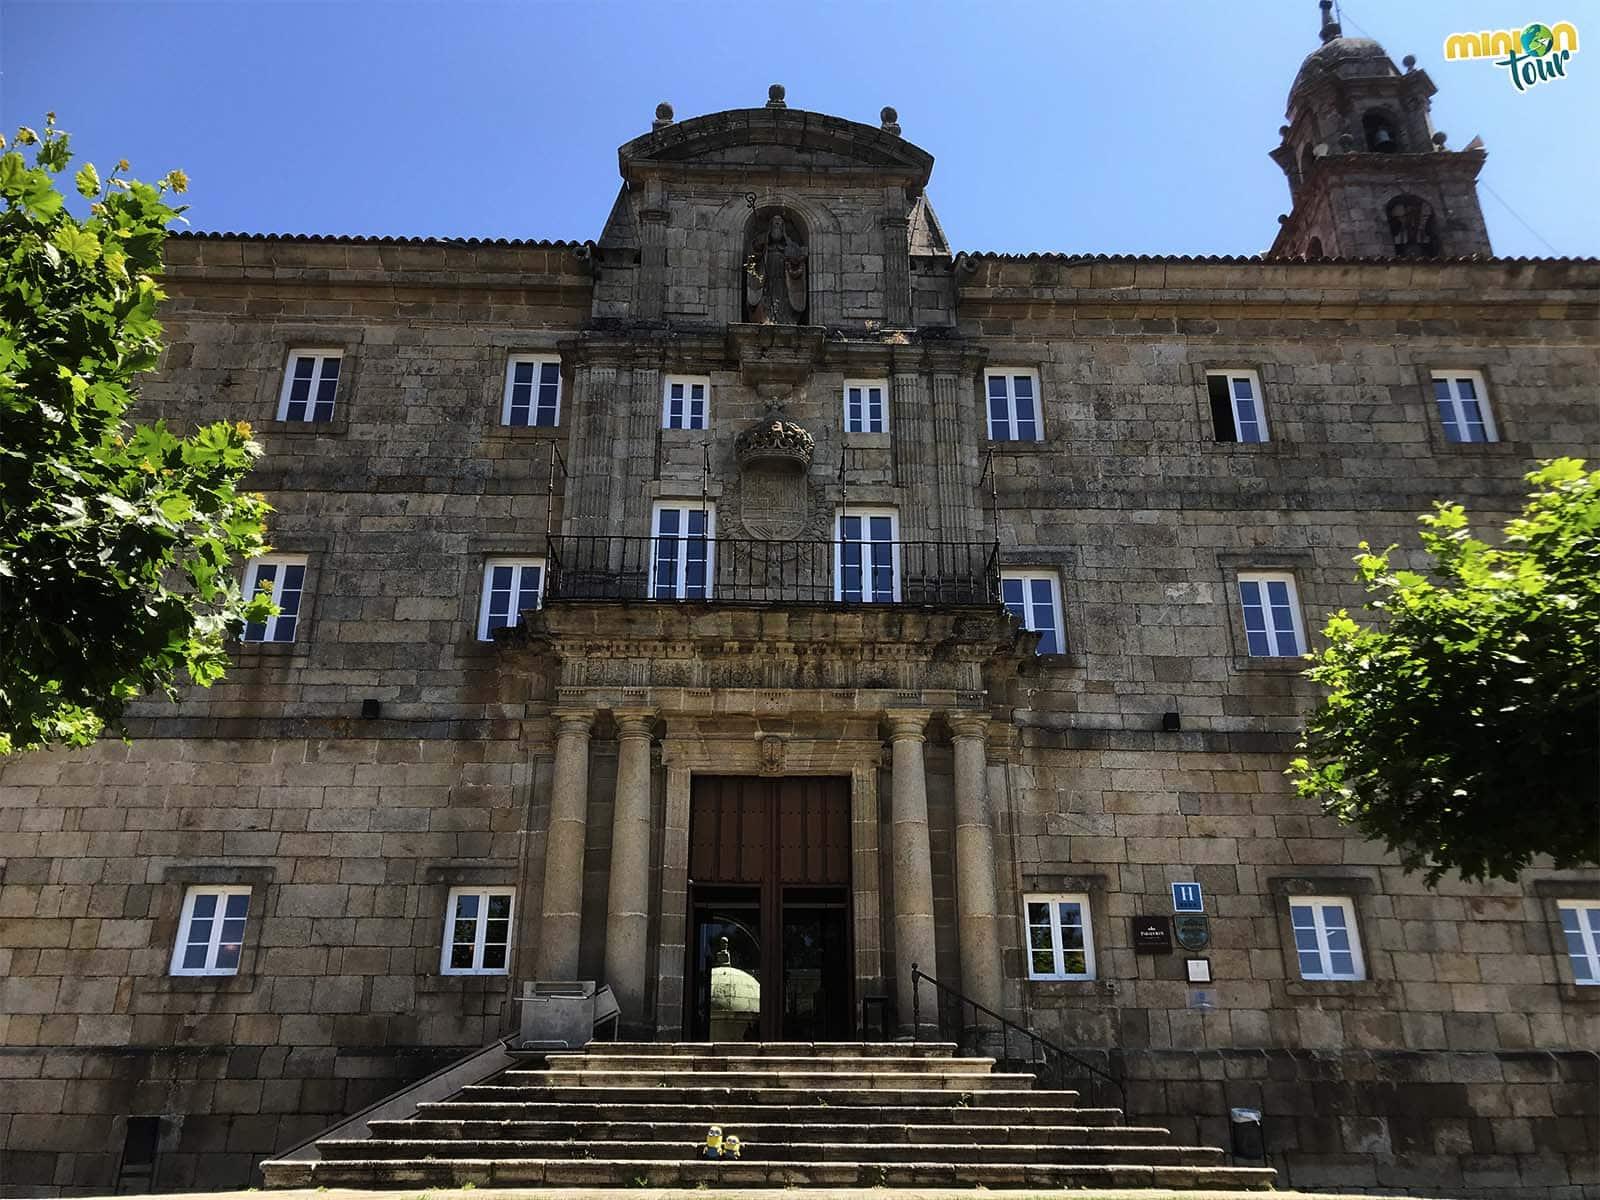 Qué ver en Monforte de Lemos, la capital de la Ribeira Sacra